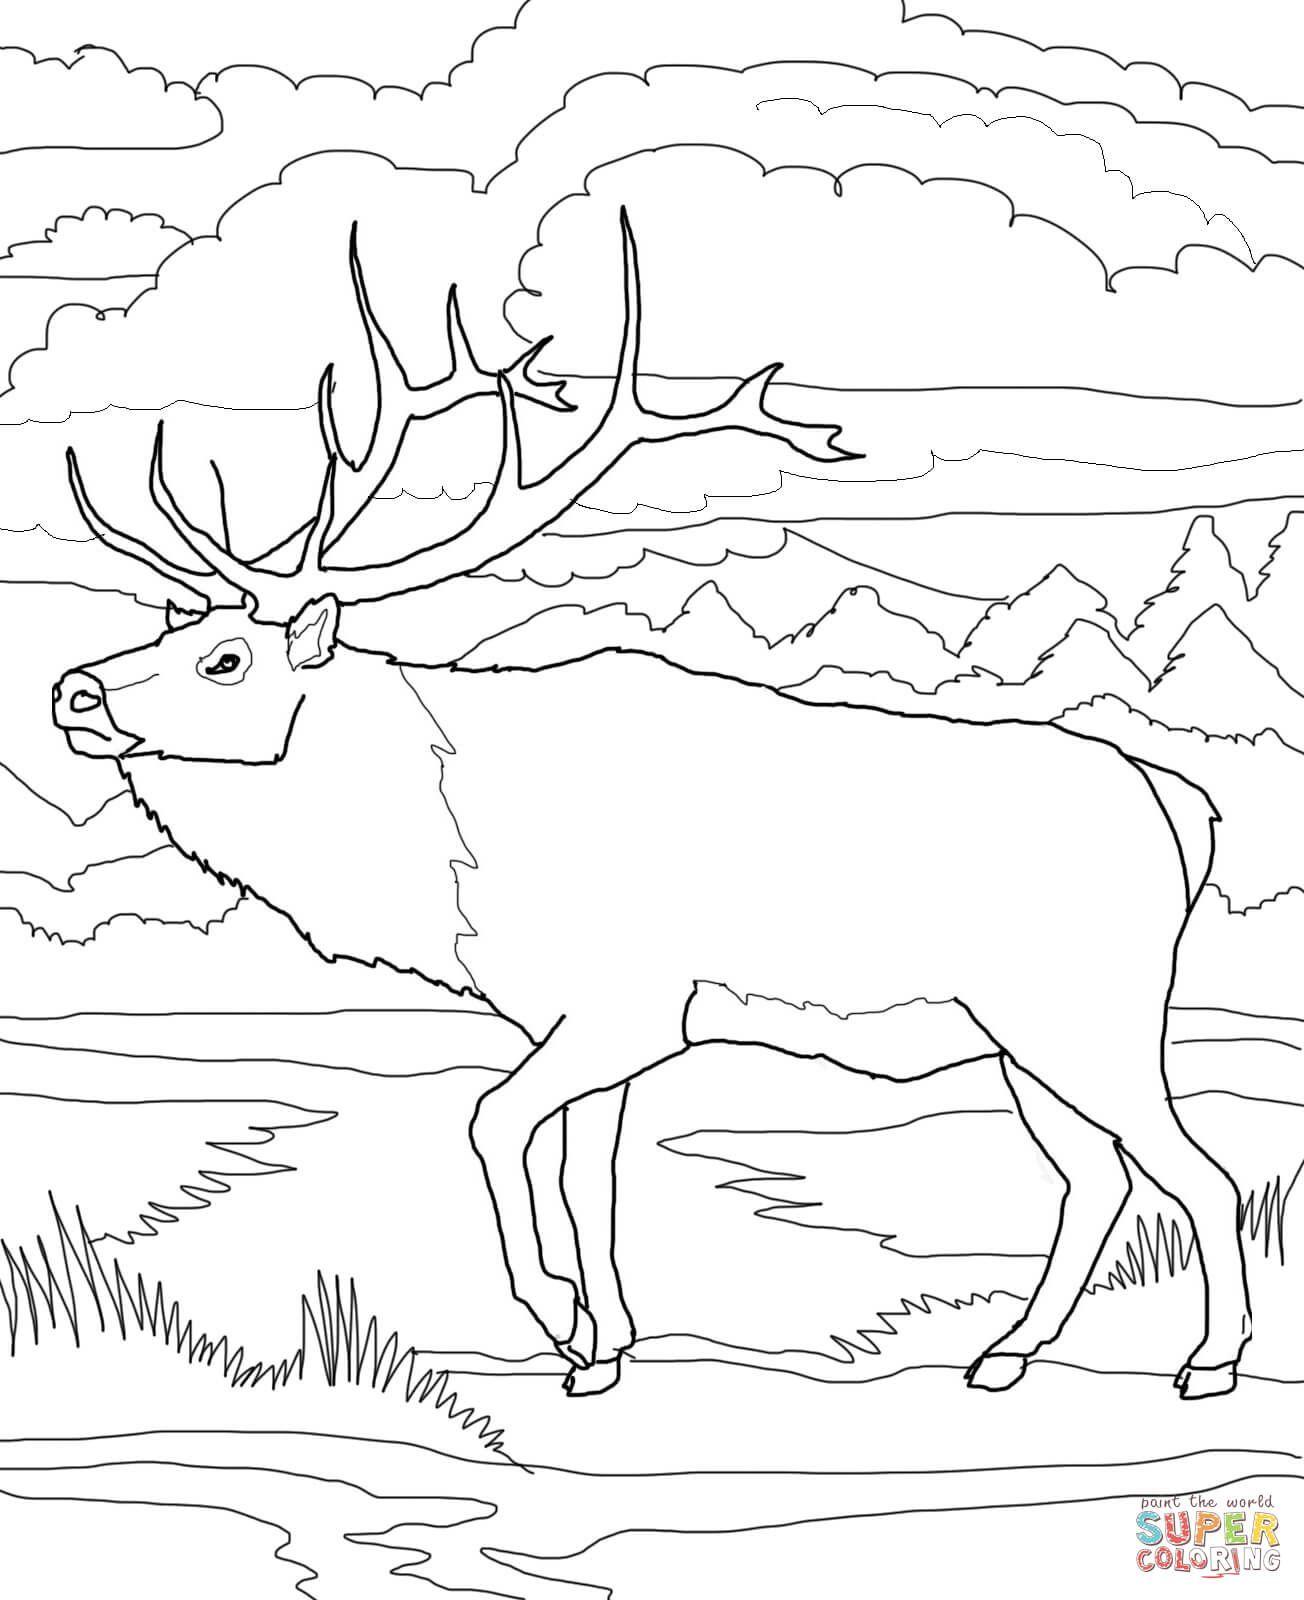 Image Result For Caribou Color Sheet Deer Coloring Pages Coloring Pages Nature Cool Coloring Pages